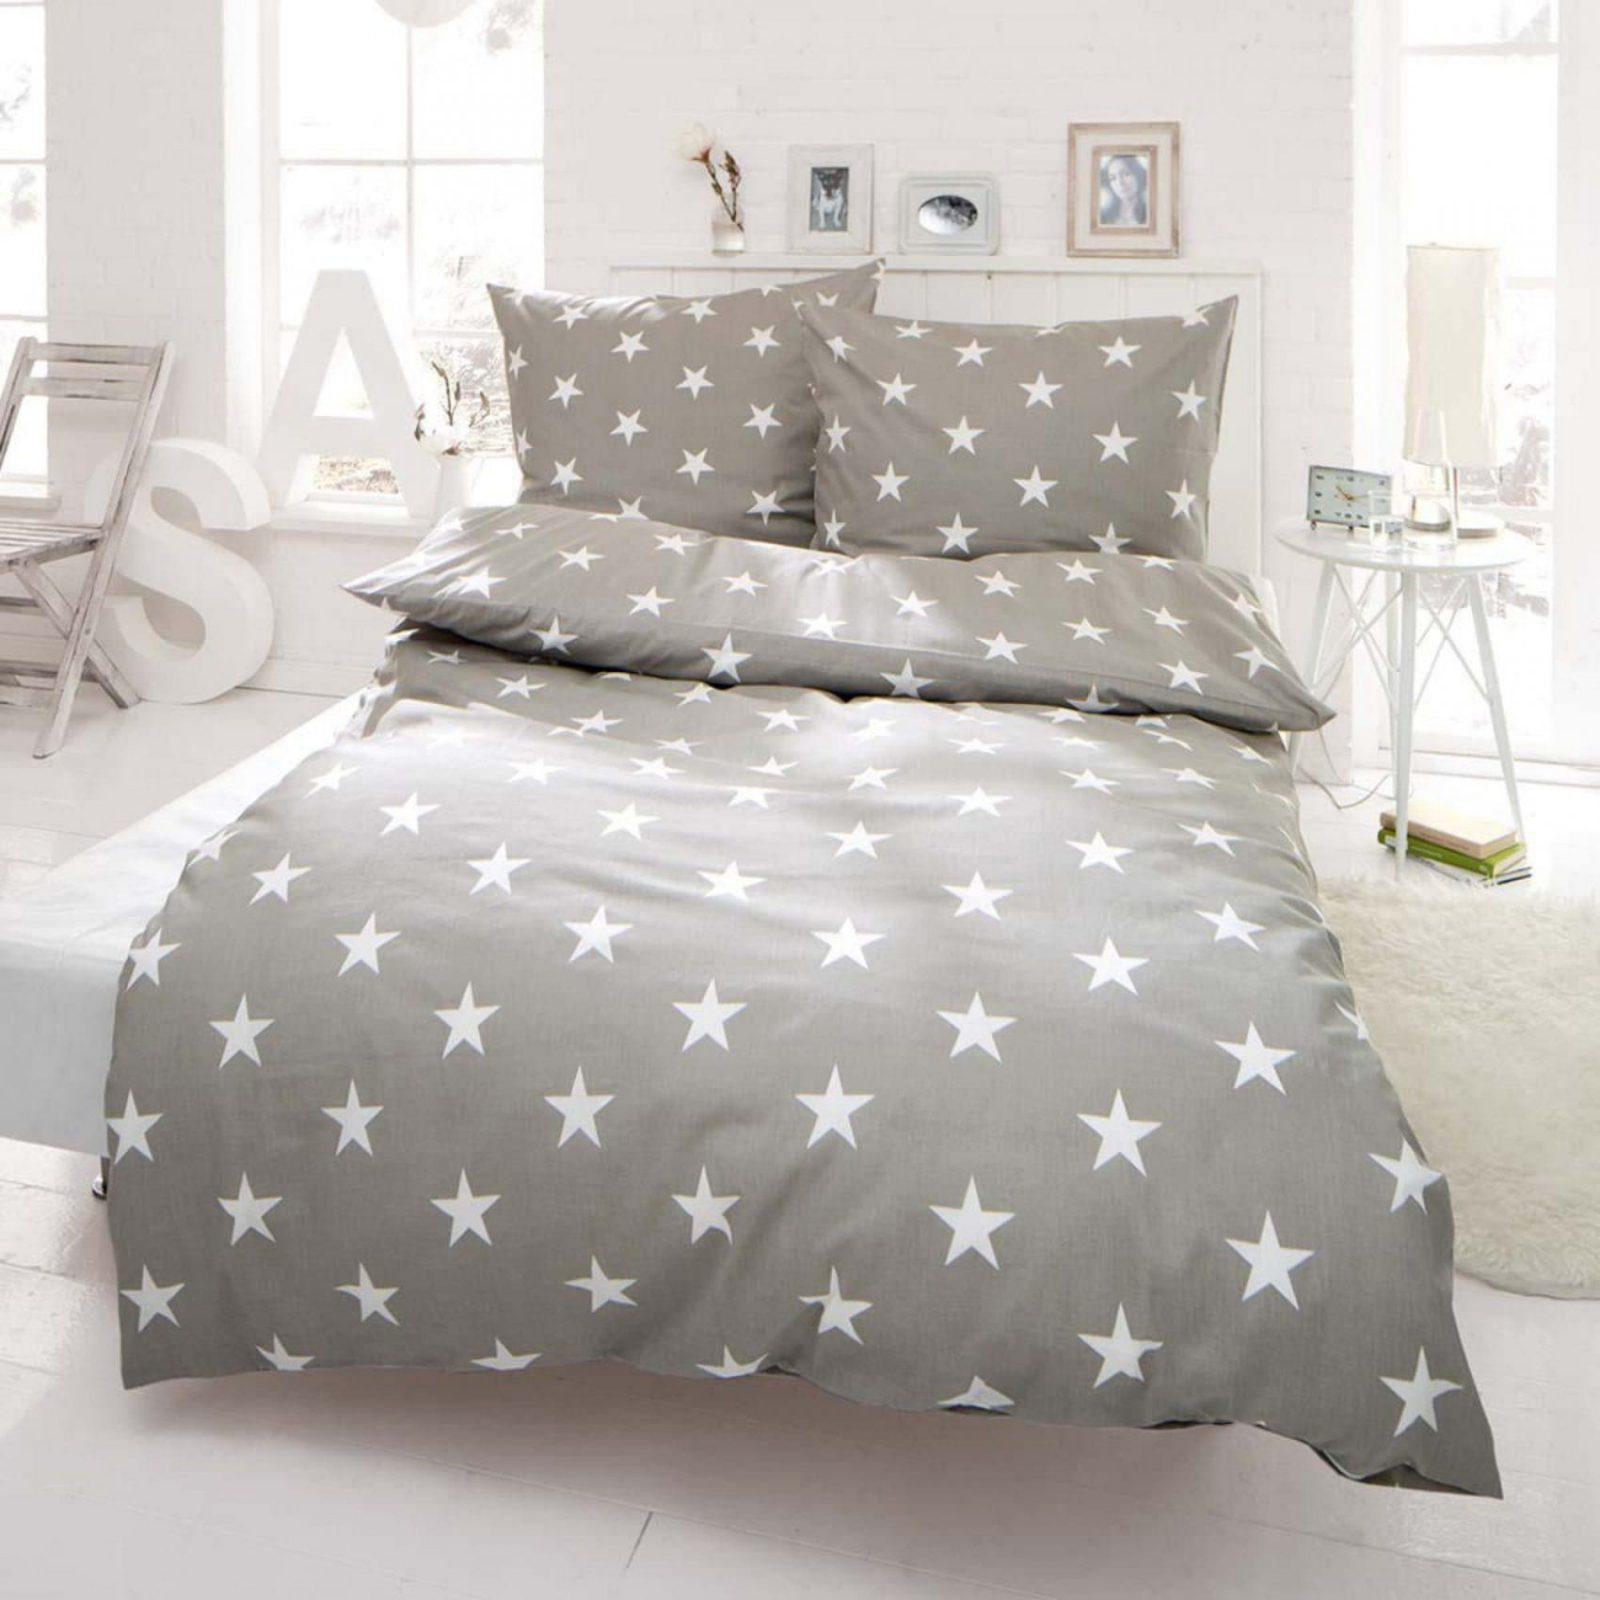 Bettwasche Bettwäsche Mit Sternen Kaufen Himmlischer Schlaf Otto von Otto Versand Bettwäsche Übergröße Bild